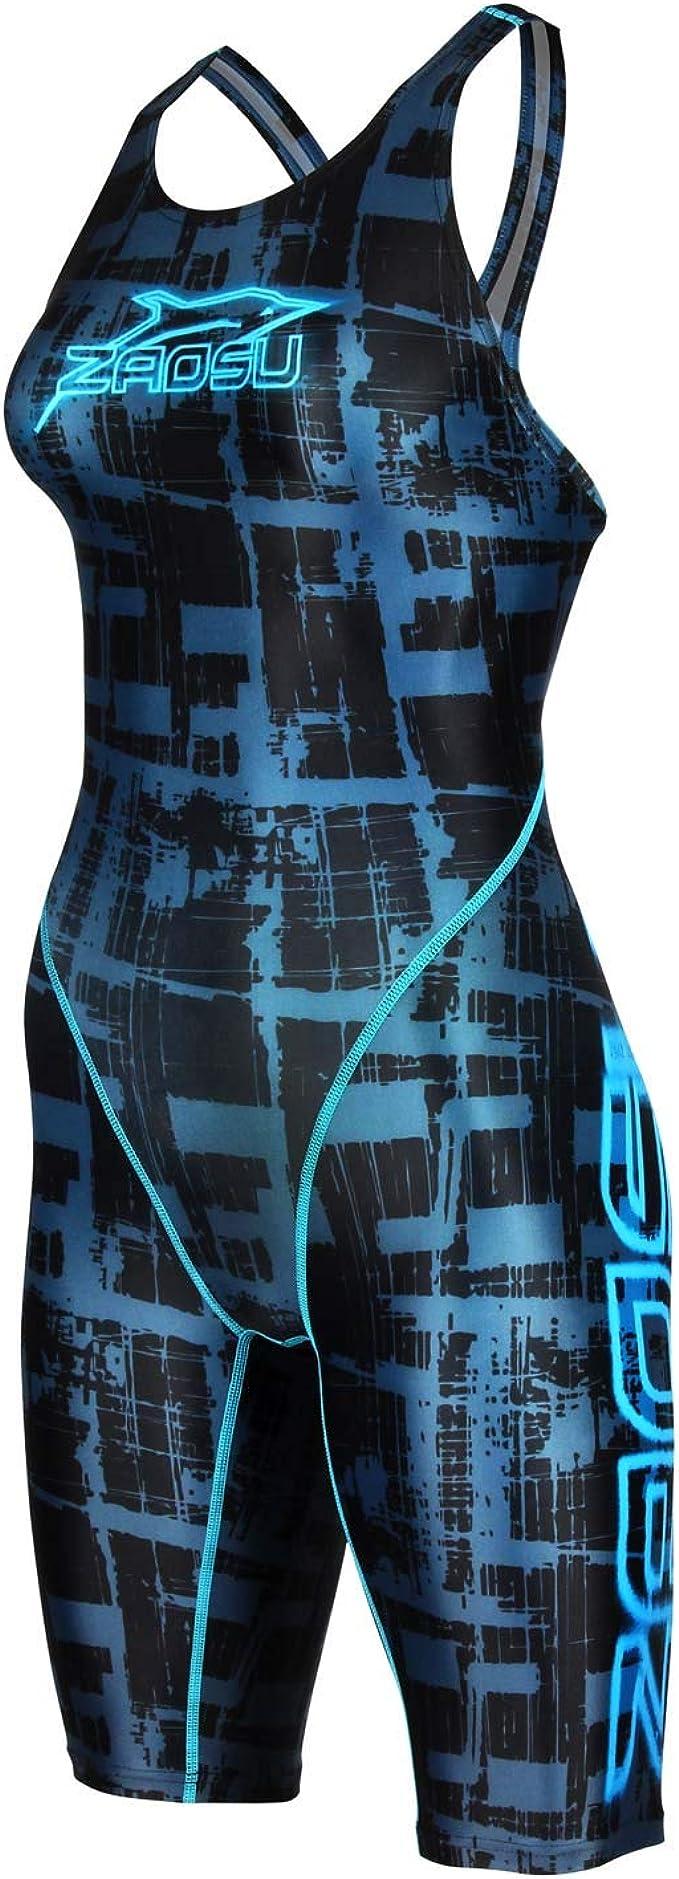 ZAOSU M/ädchen Schwimmanzug Urban Art Sport Badeanzug f/ür das Schwimm Training